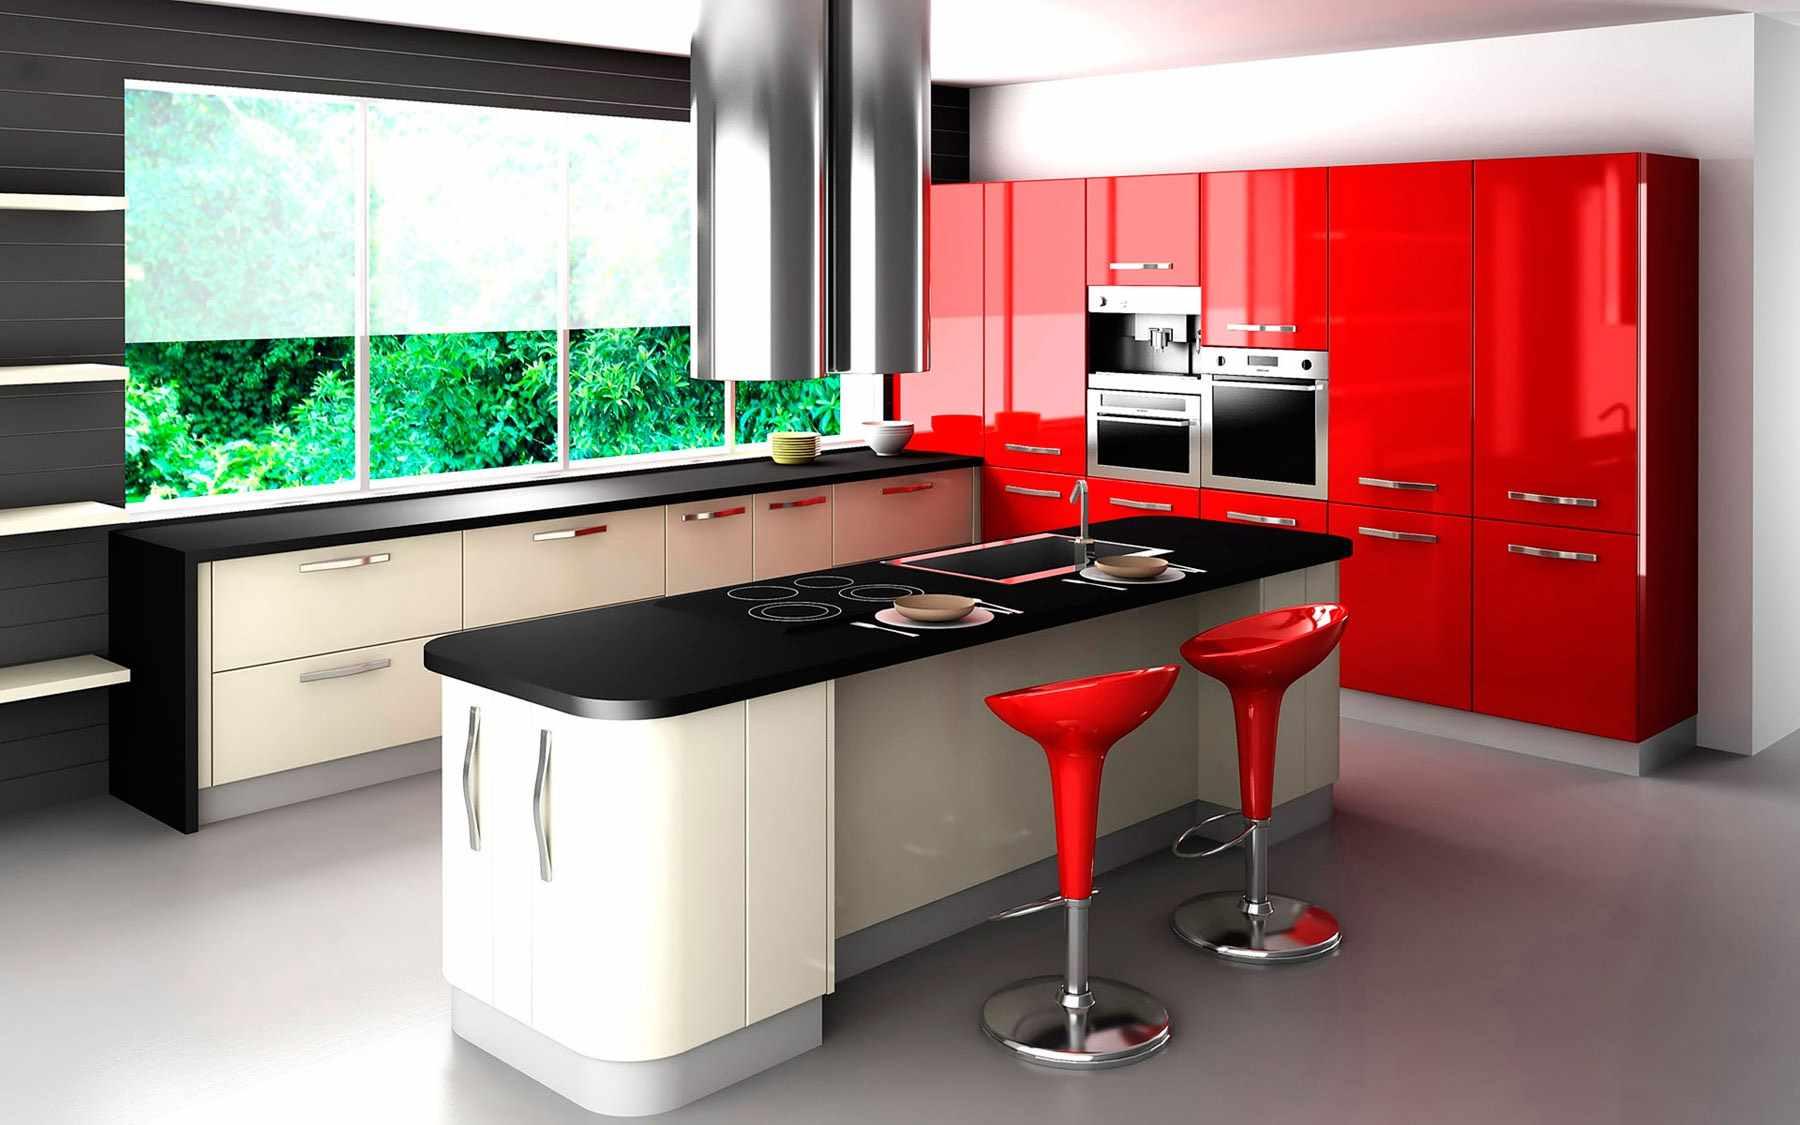 идея яркого интерьера красной кухни